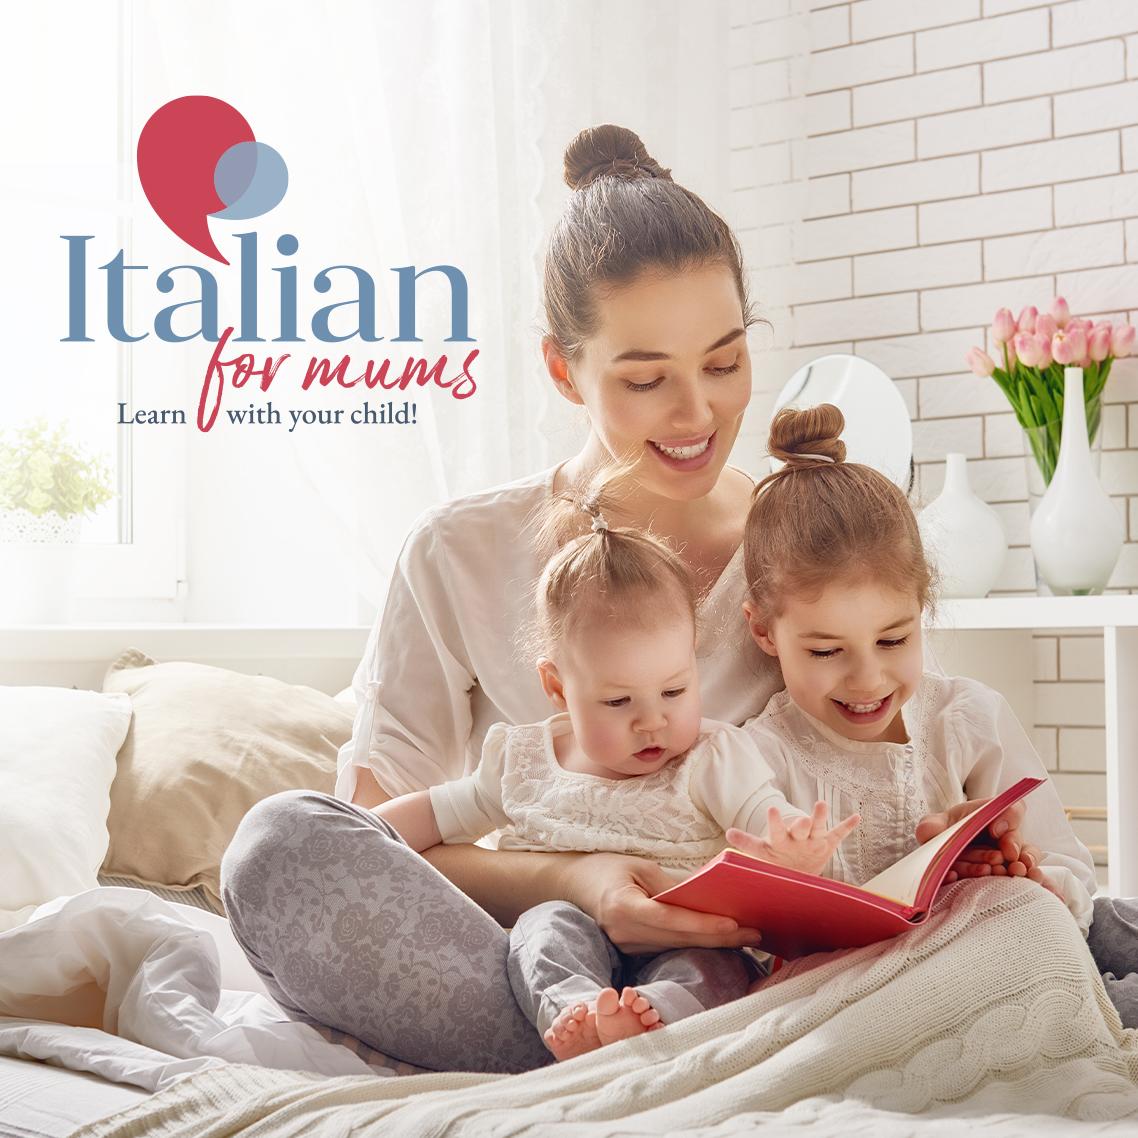 grafica con logo italianformums e foto mamma con due bambini piccoli